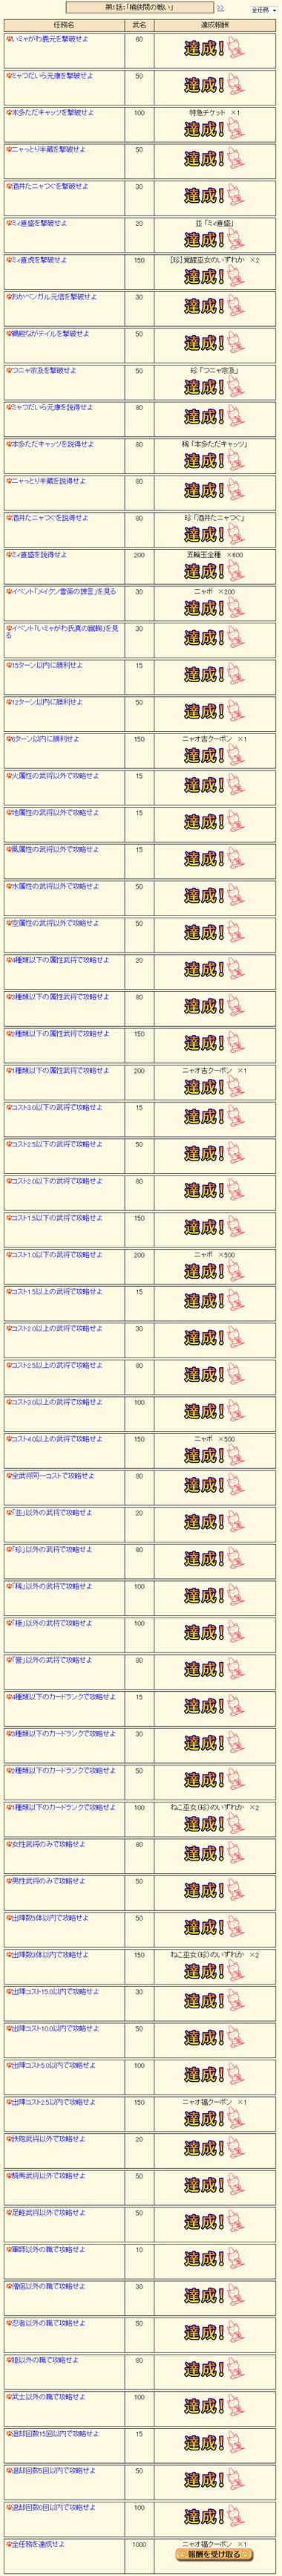 okehazama_complete